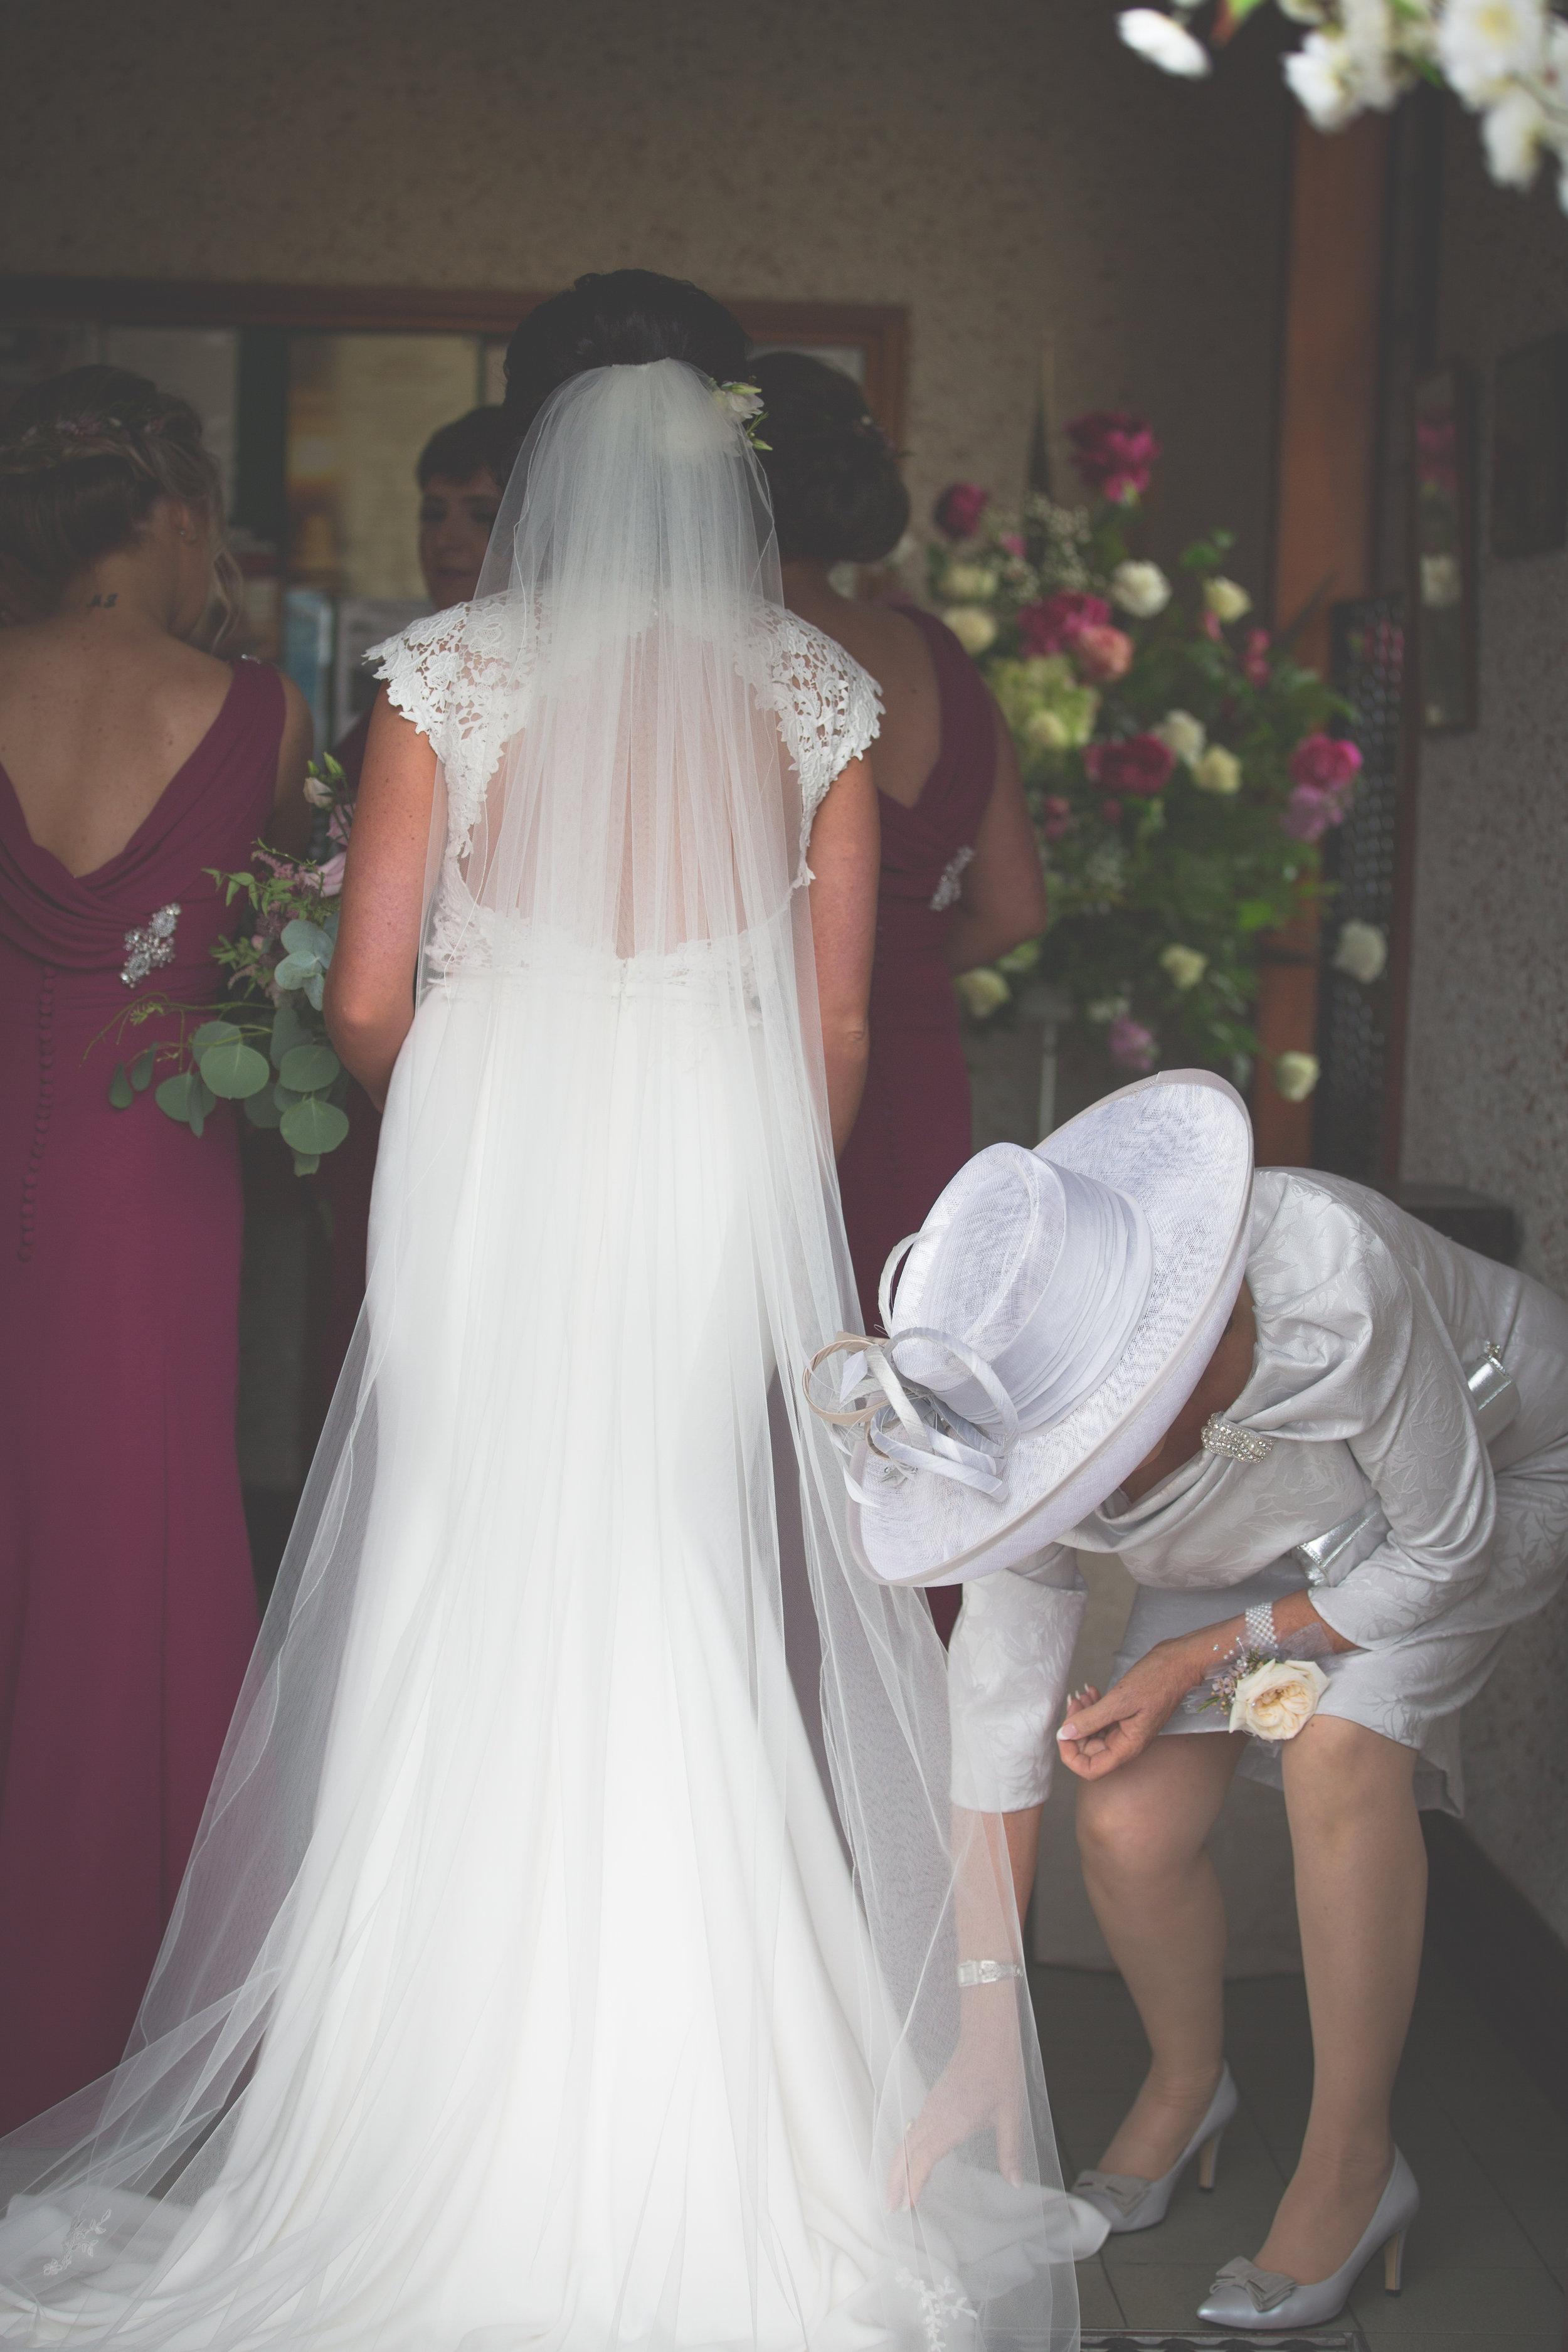 Brian McEwan Wedding Photography   Carol-Anne & Sean   The Ceremony-9.jpg